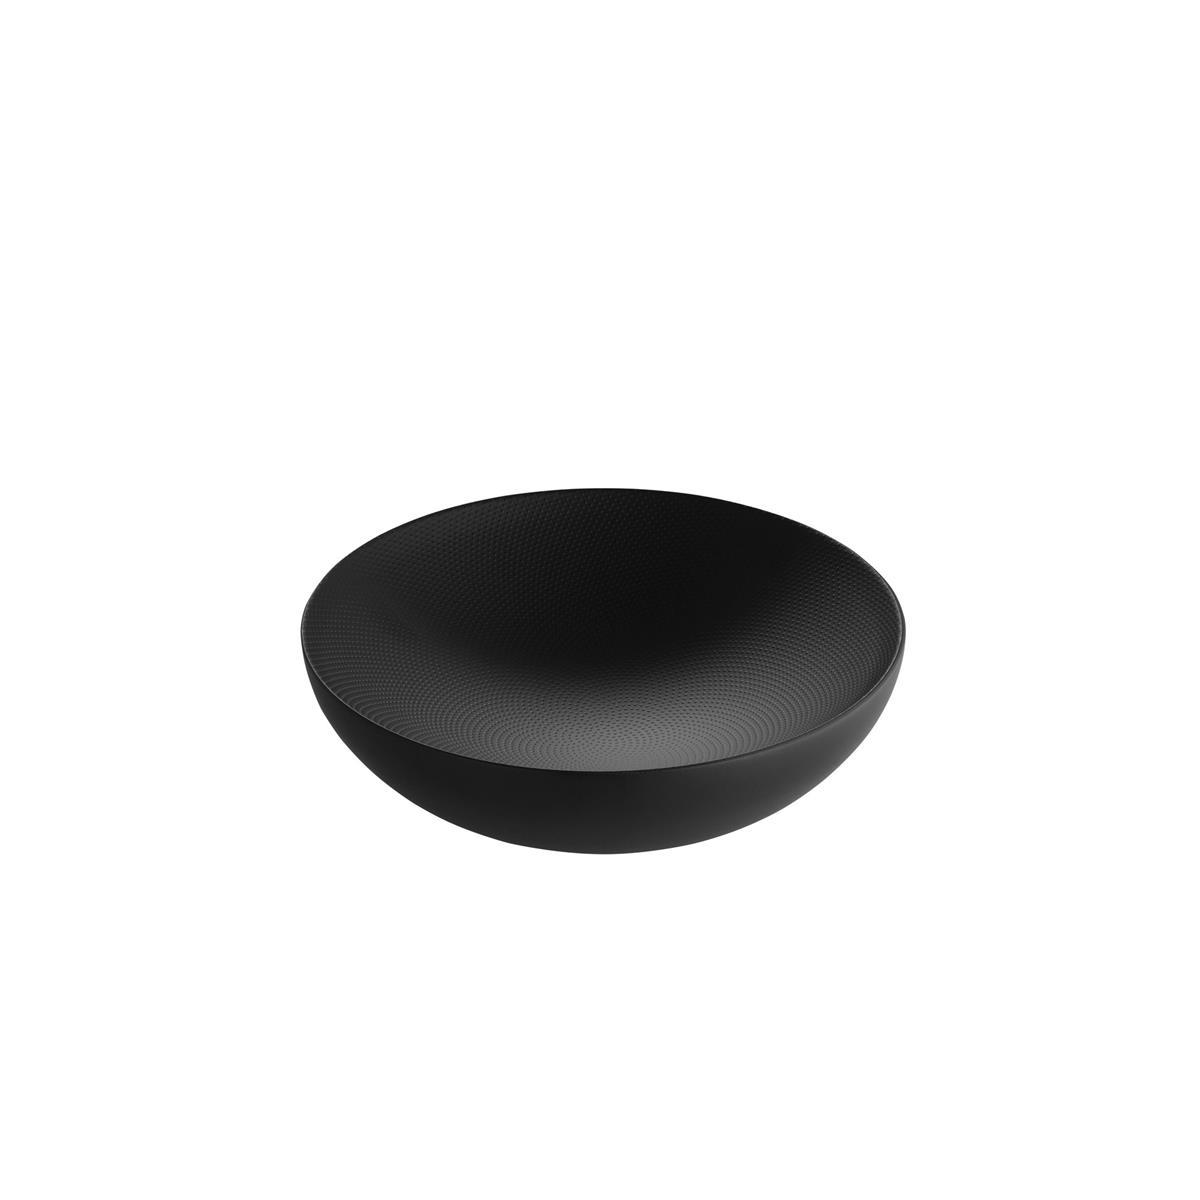 Alessi-Double Ciotola a doppia parete in acciaio colorato e resina, nero con decoro in rilievo